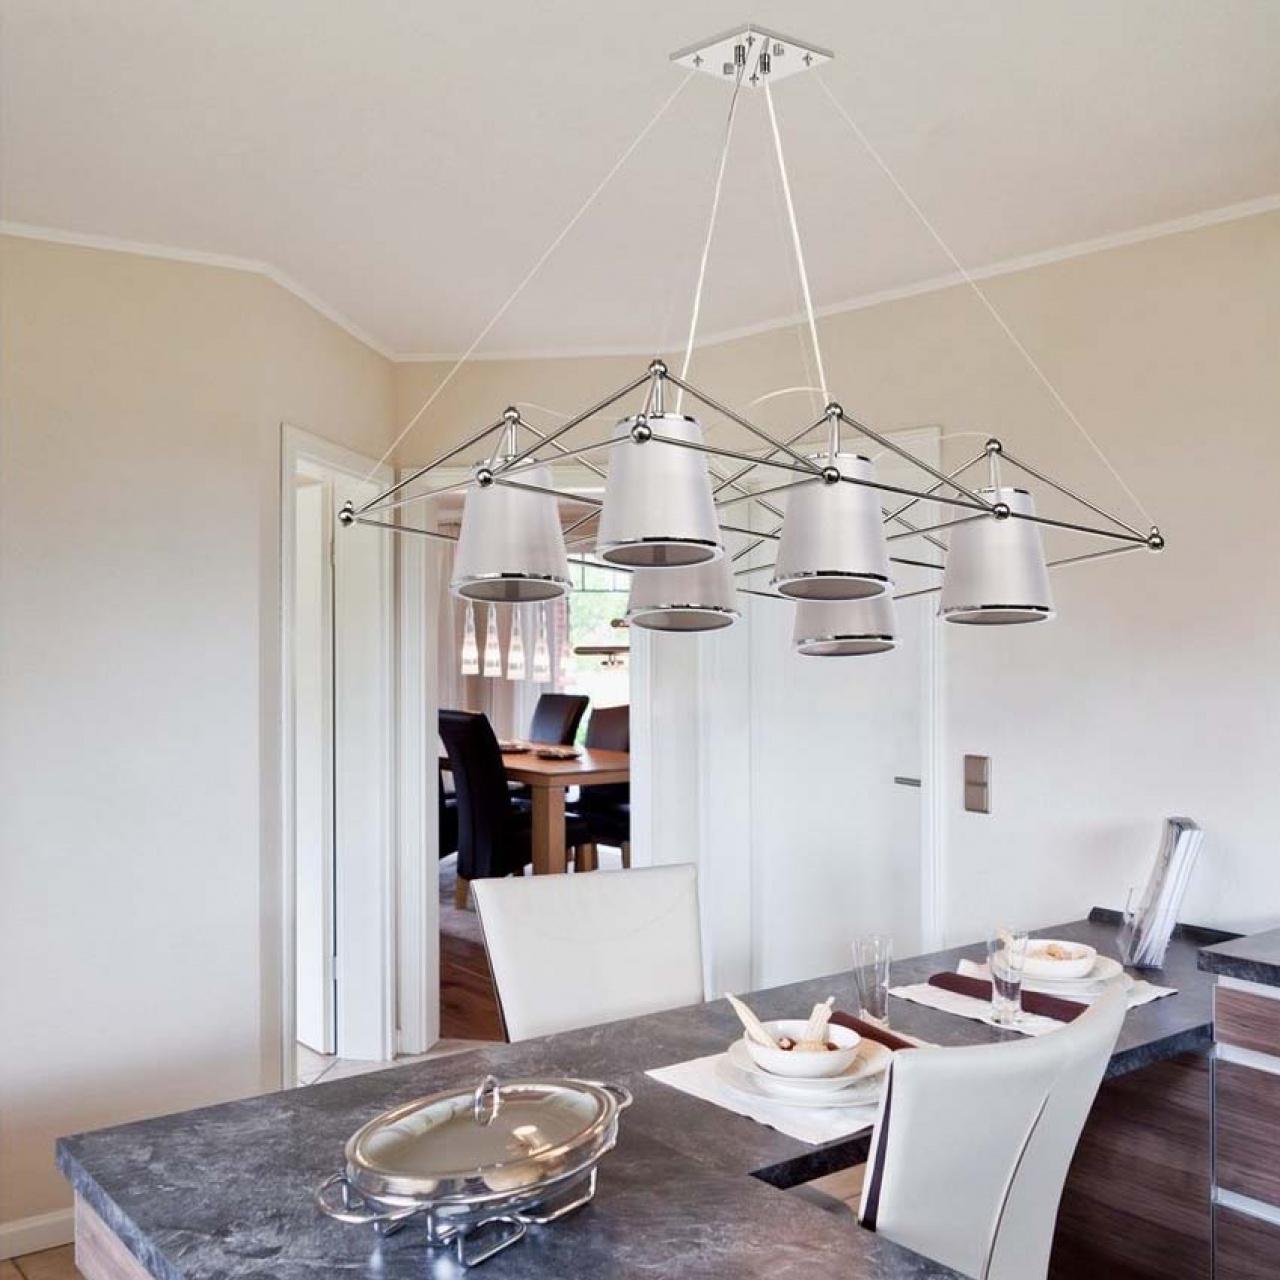 Wyprzedaż lamp wiszących: Nowoczesna lampa wisząca na sześć żarówek